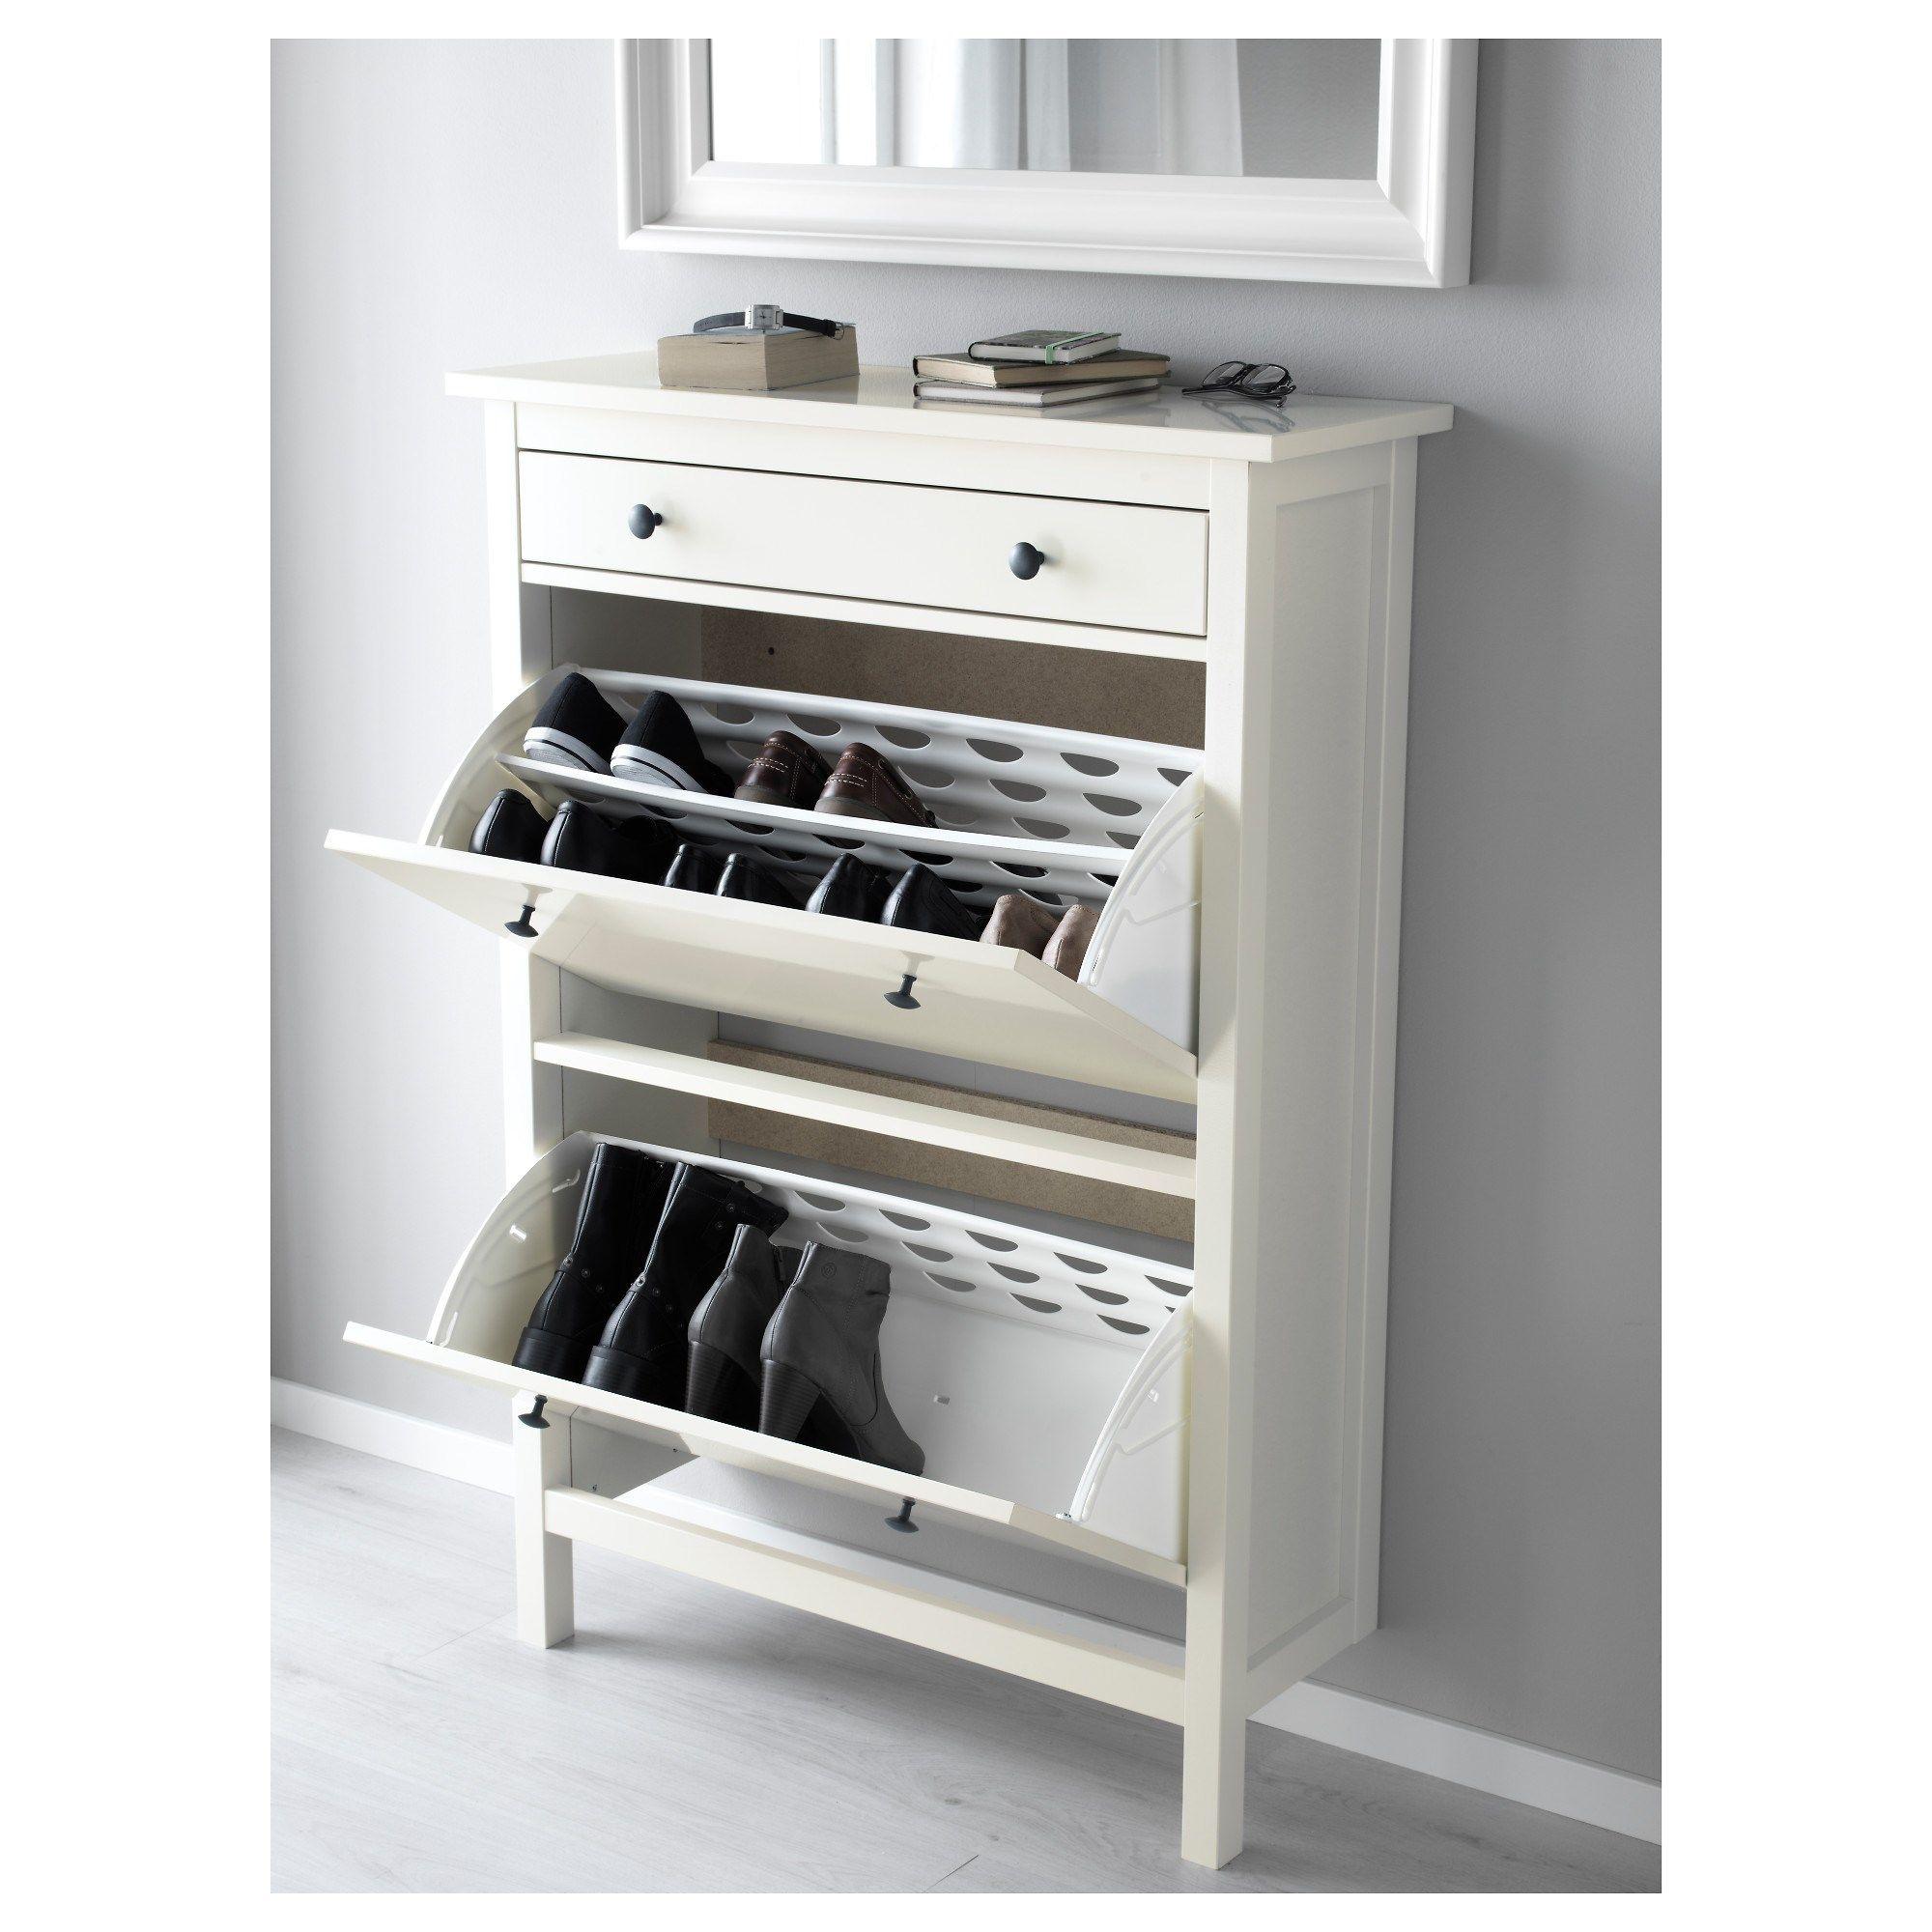 4b970629ef80f5602af708684897da98 Incroyable De Table Balcon Suspendue Ikea Concept